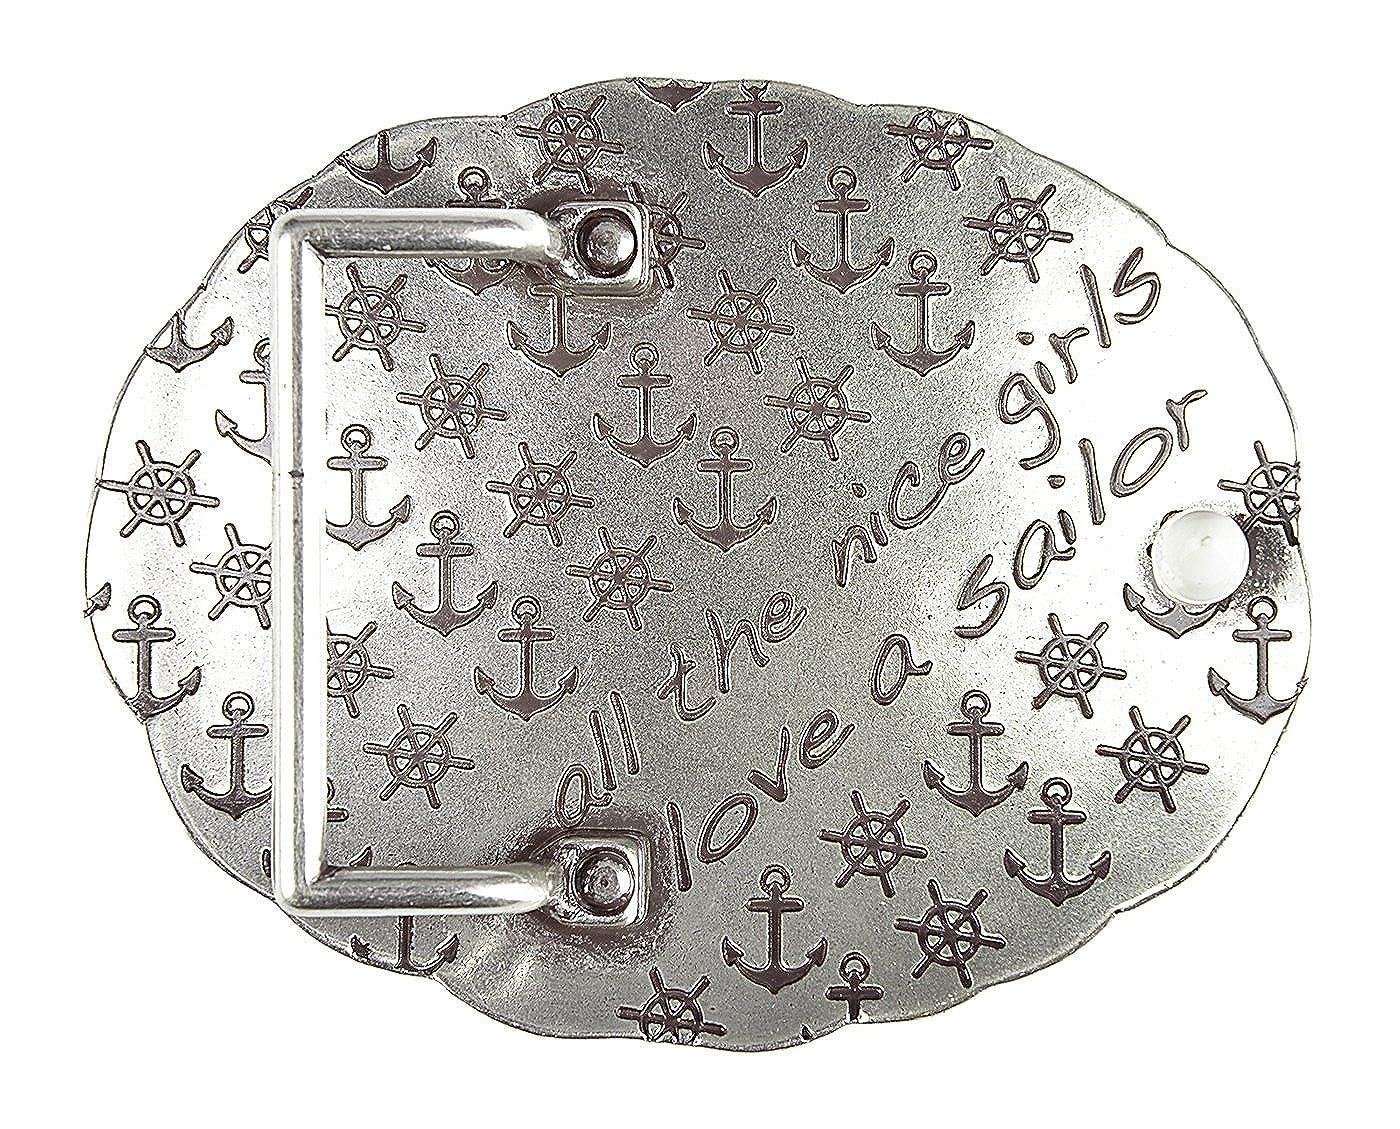 Unbekannt G/ürtelschliesse f/ür Wechselg/ürtel G/ürtelschnalle Anker Silber Buckle f/ür Piraten Lost mariners